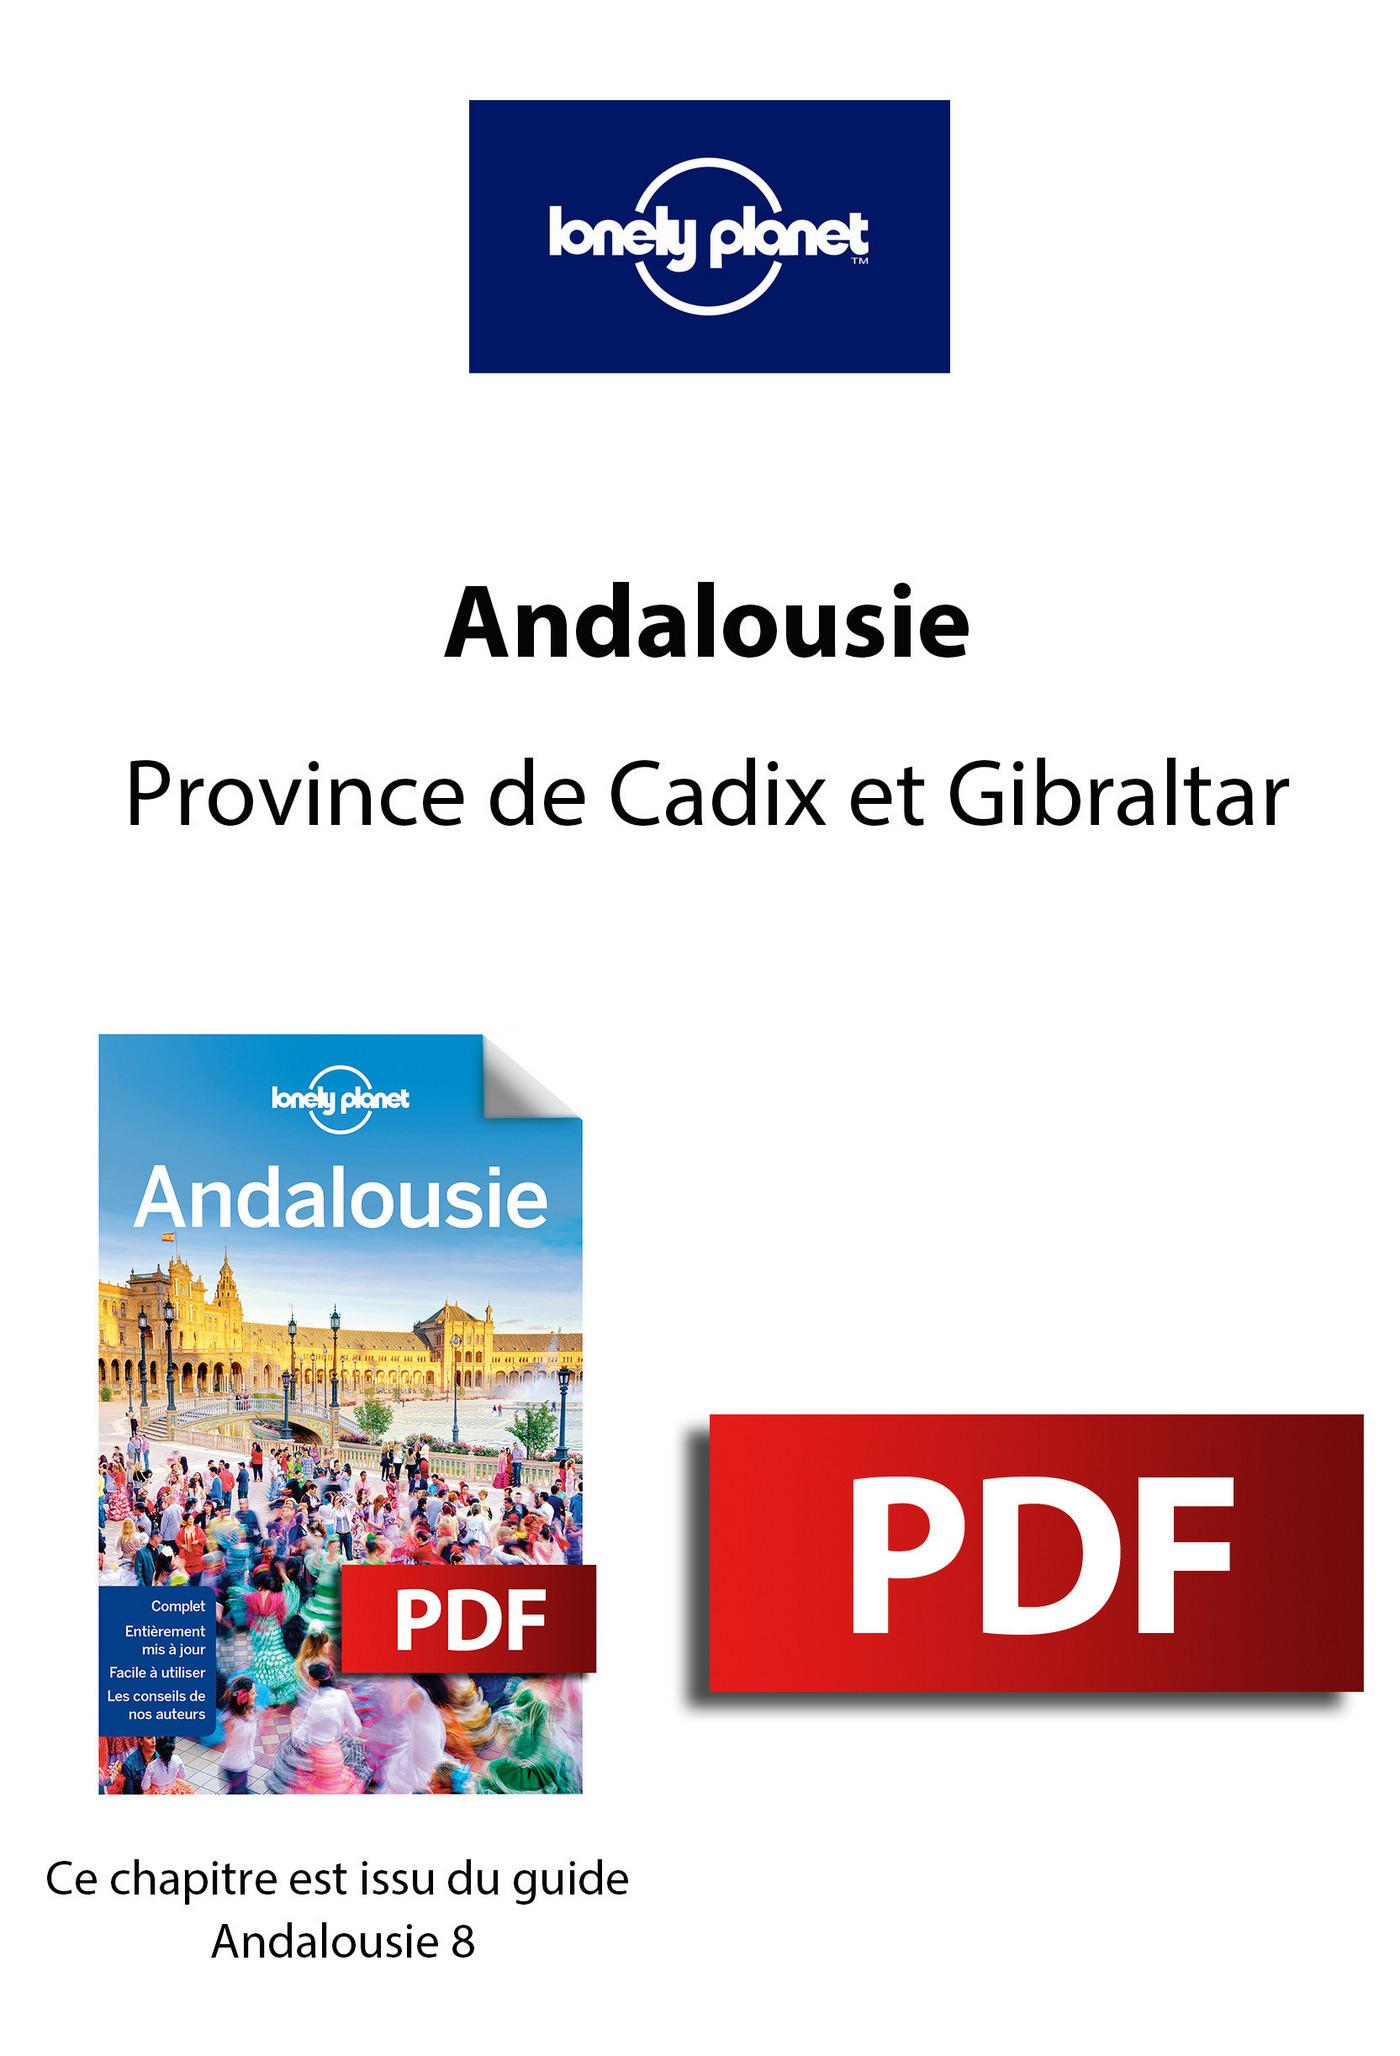 Andalousie - Province de Cadix et Gibraltar